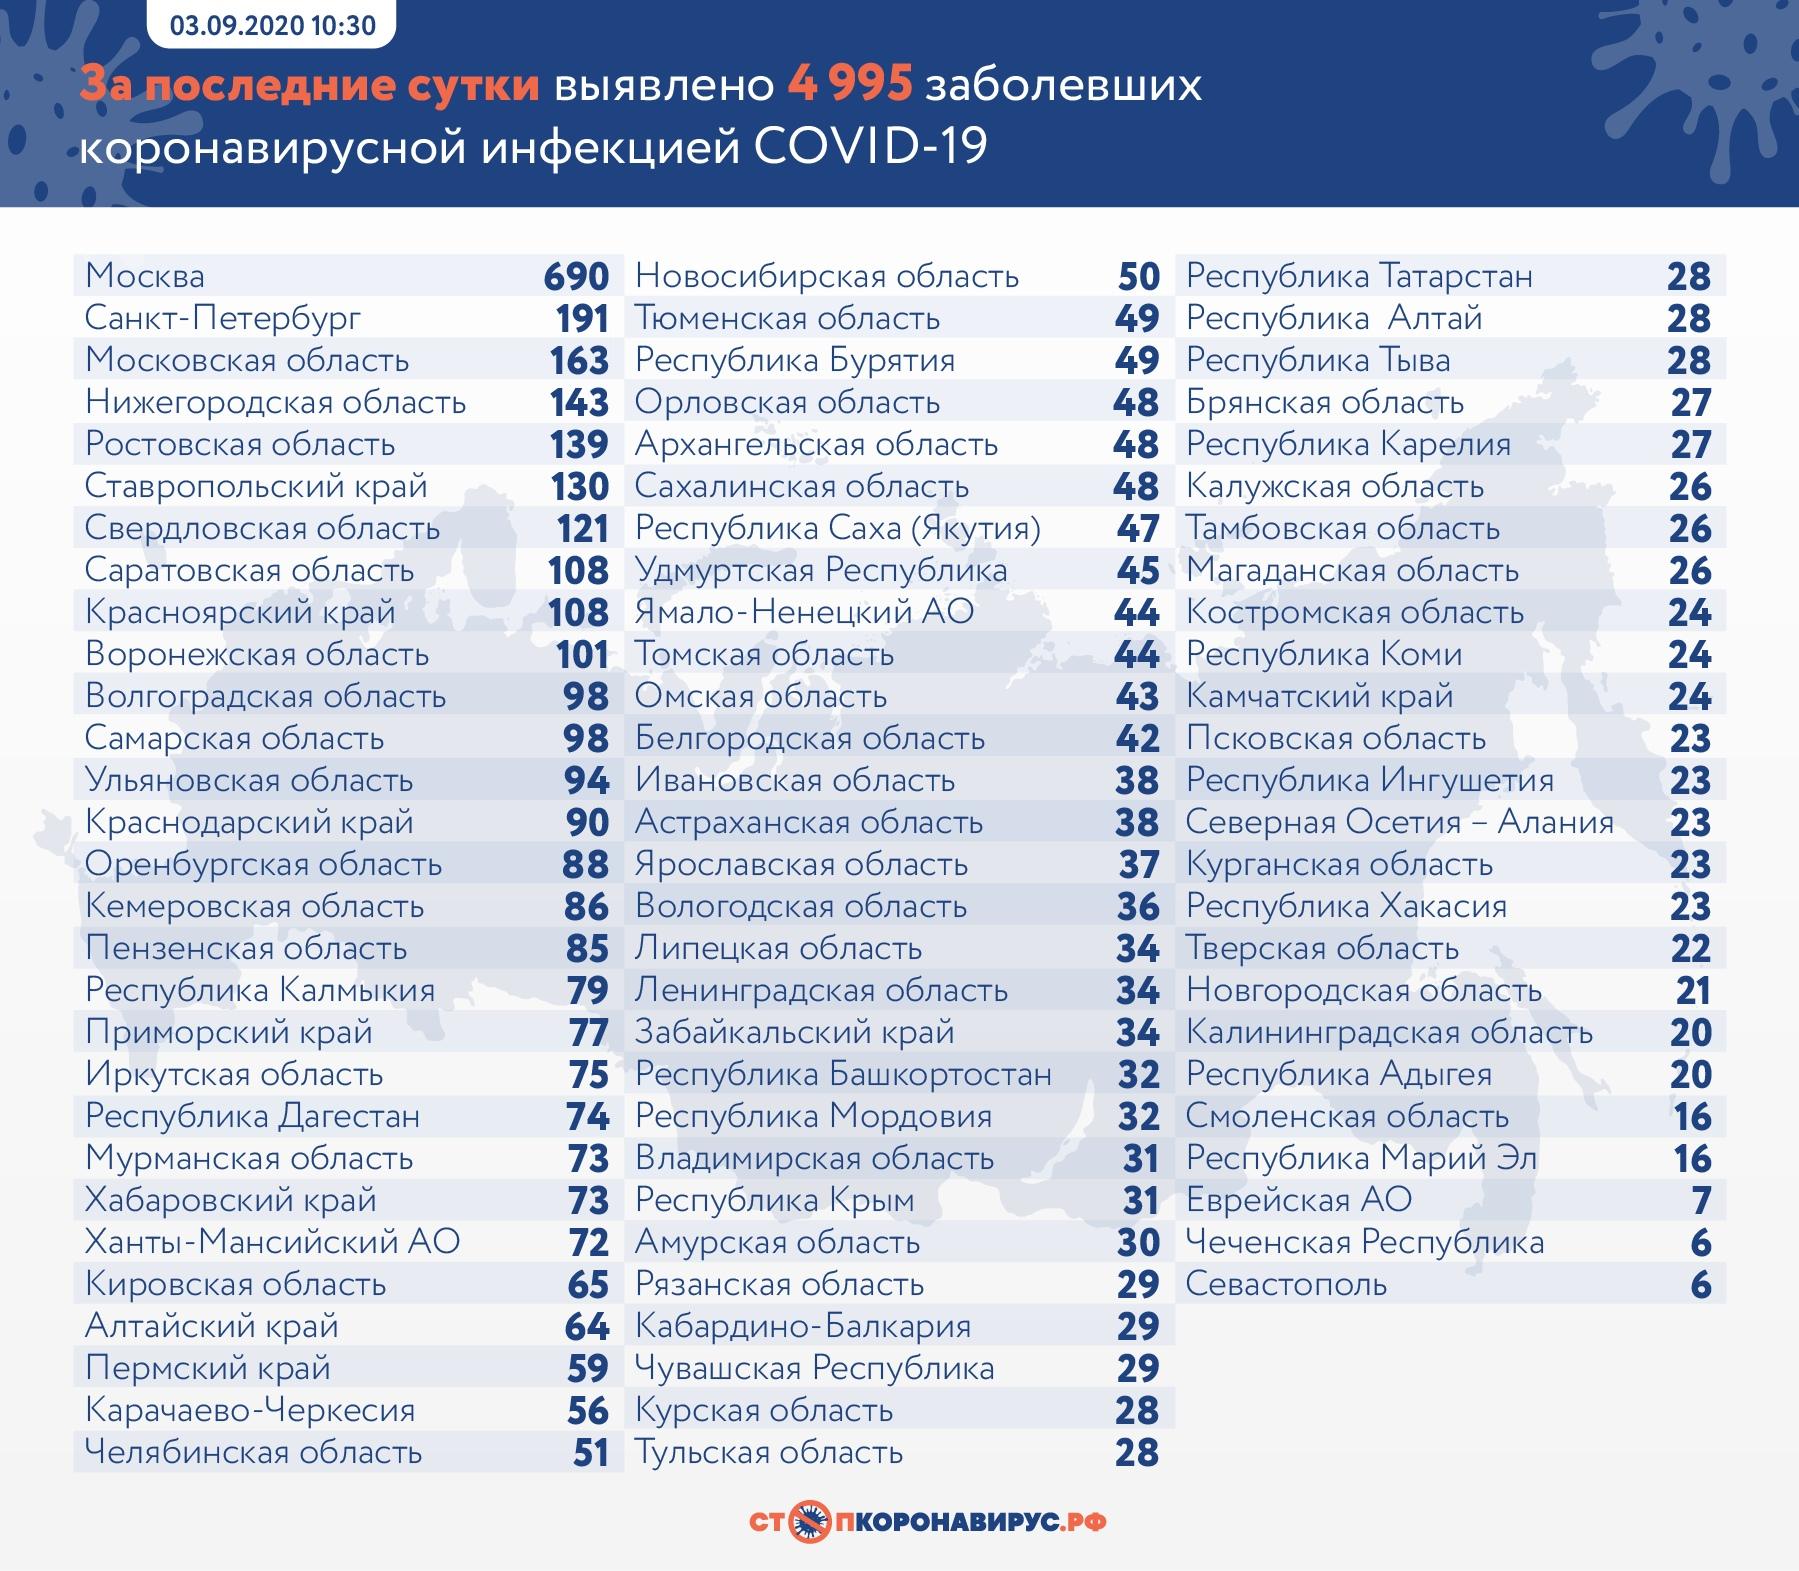 За сутки в Самарской области коронавирусом заразились 98 человек